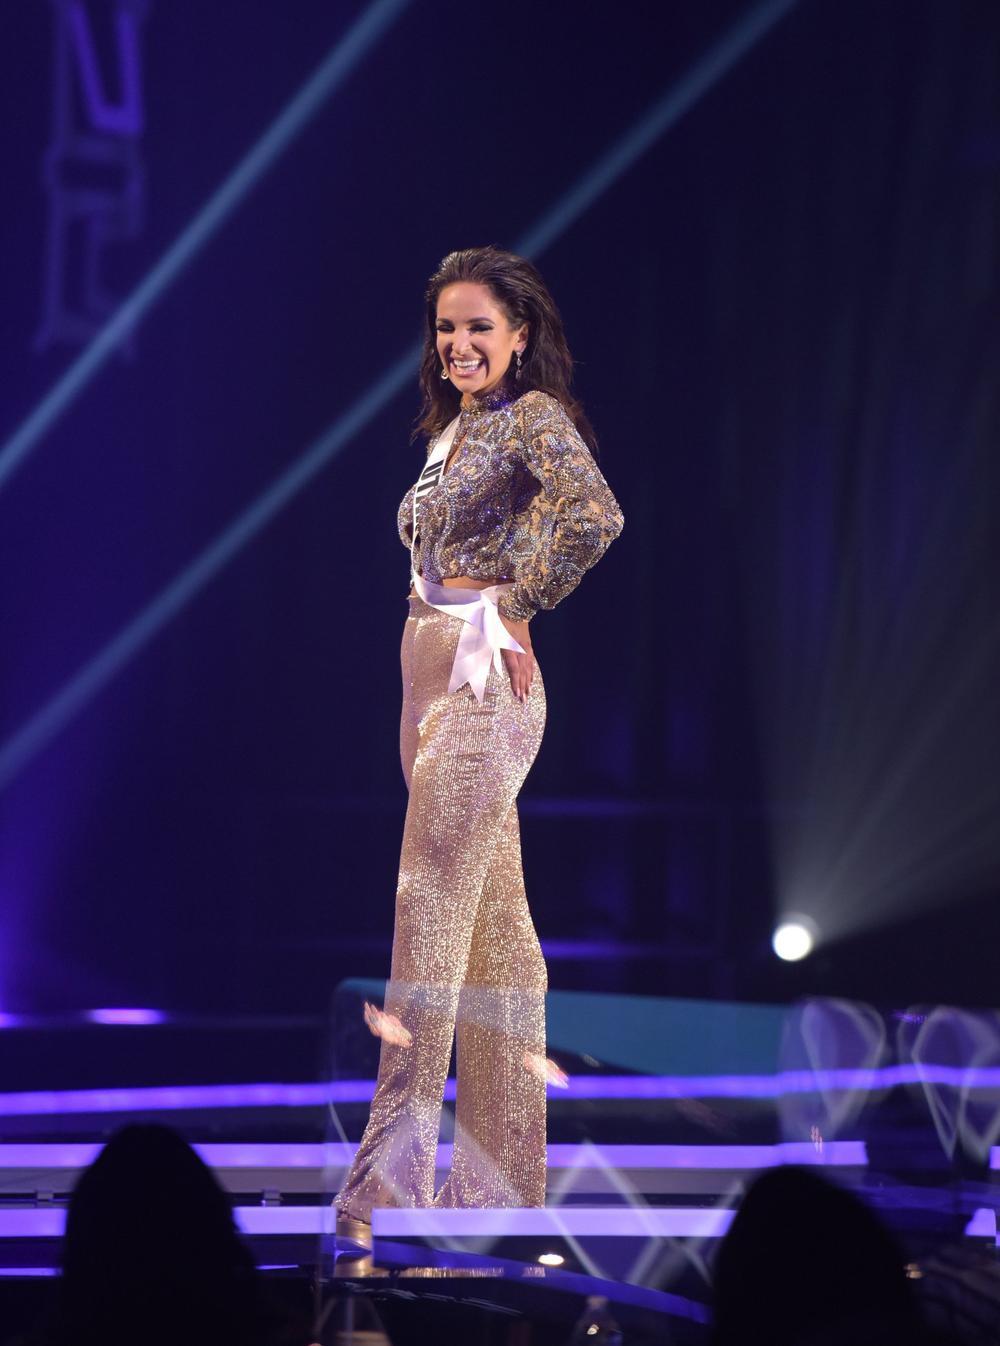 Thí sinh Miss USA mặc lạc quẻ giống Kiều Loan, đạo nhái váy Hoàng Thùy trong phần thi dạ hội Ảnh 6